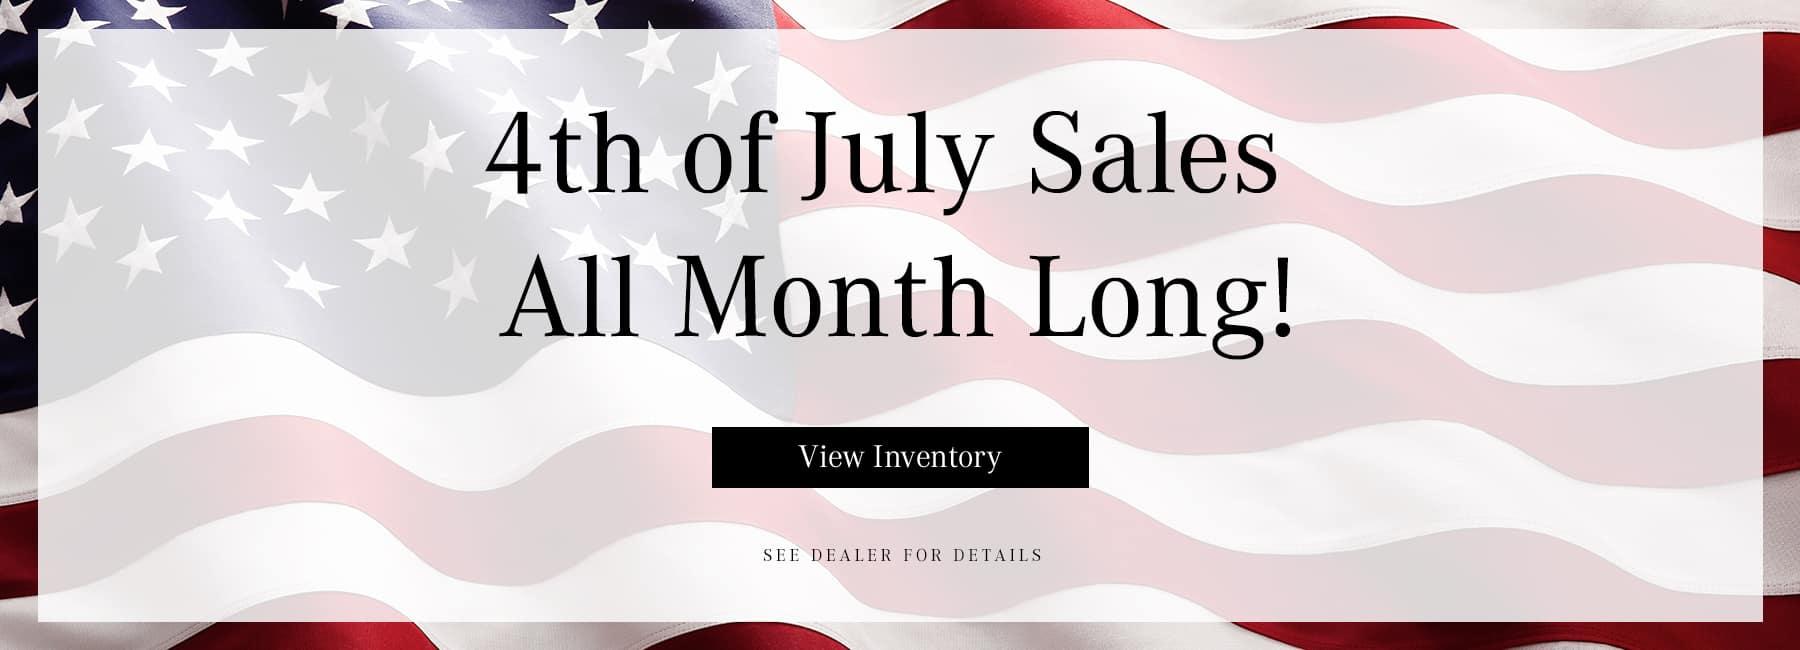 MB_HP_4th July Savings_2000x500